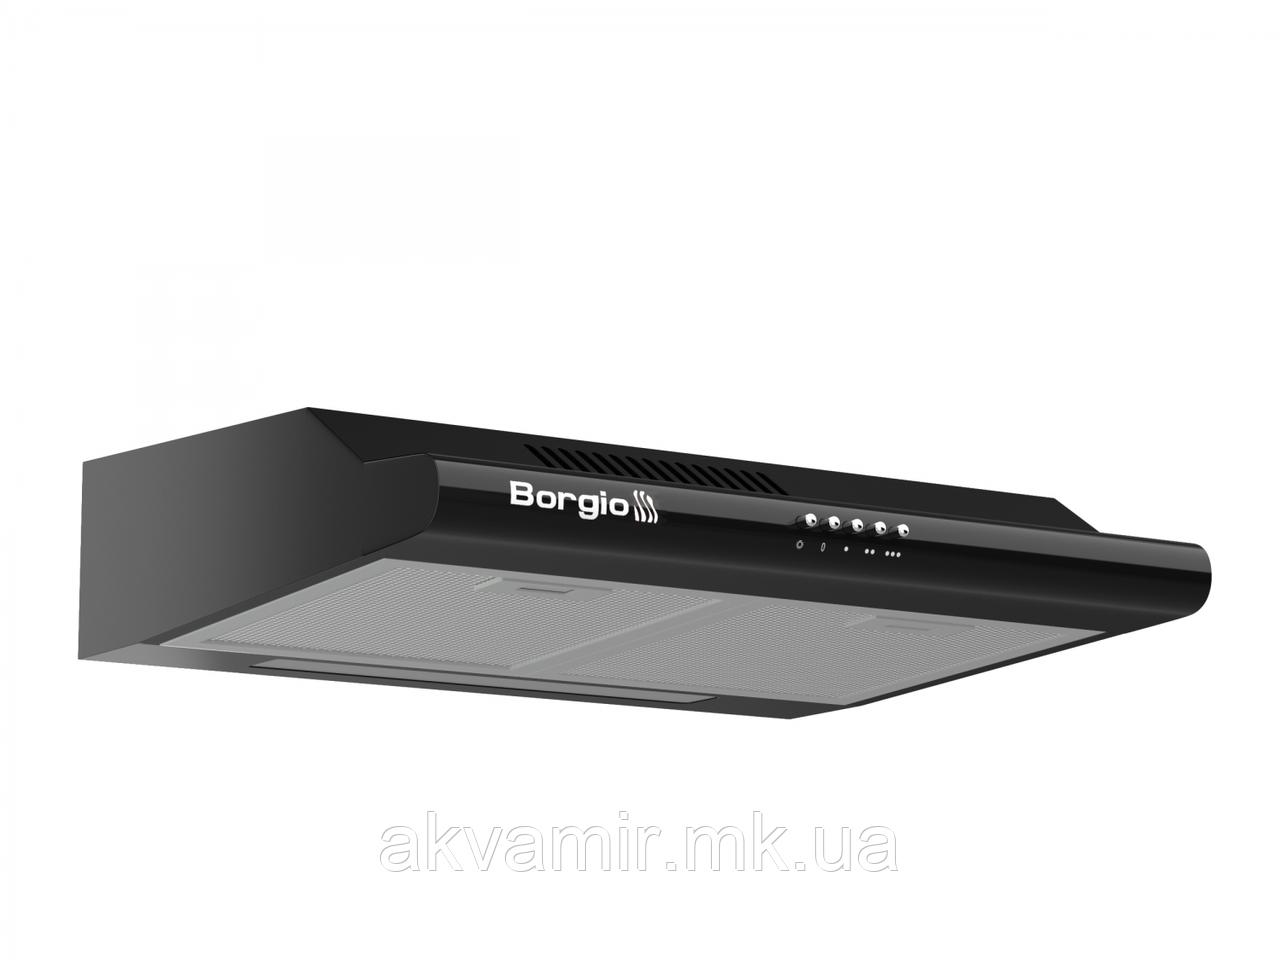 Вытяжка Borgio Gio 60 (черный)